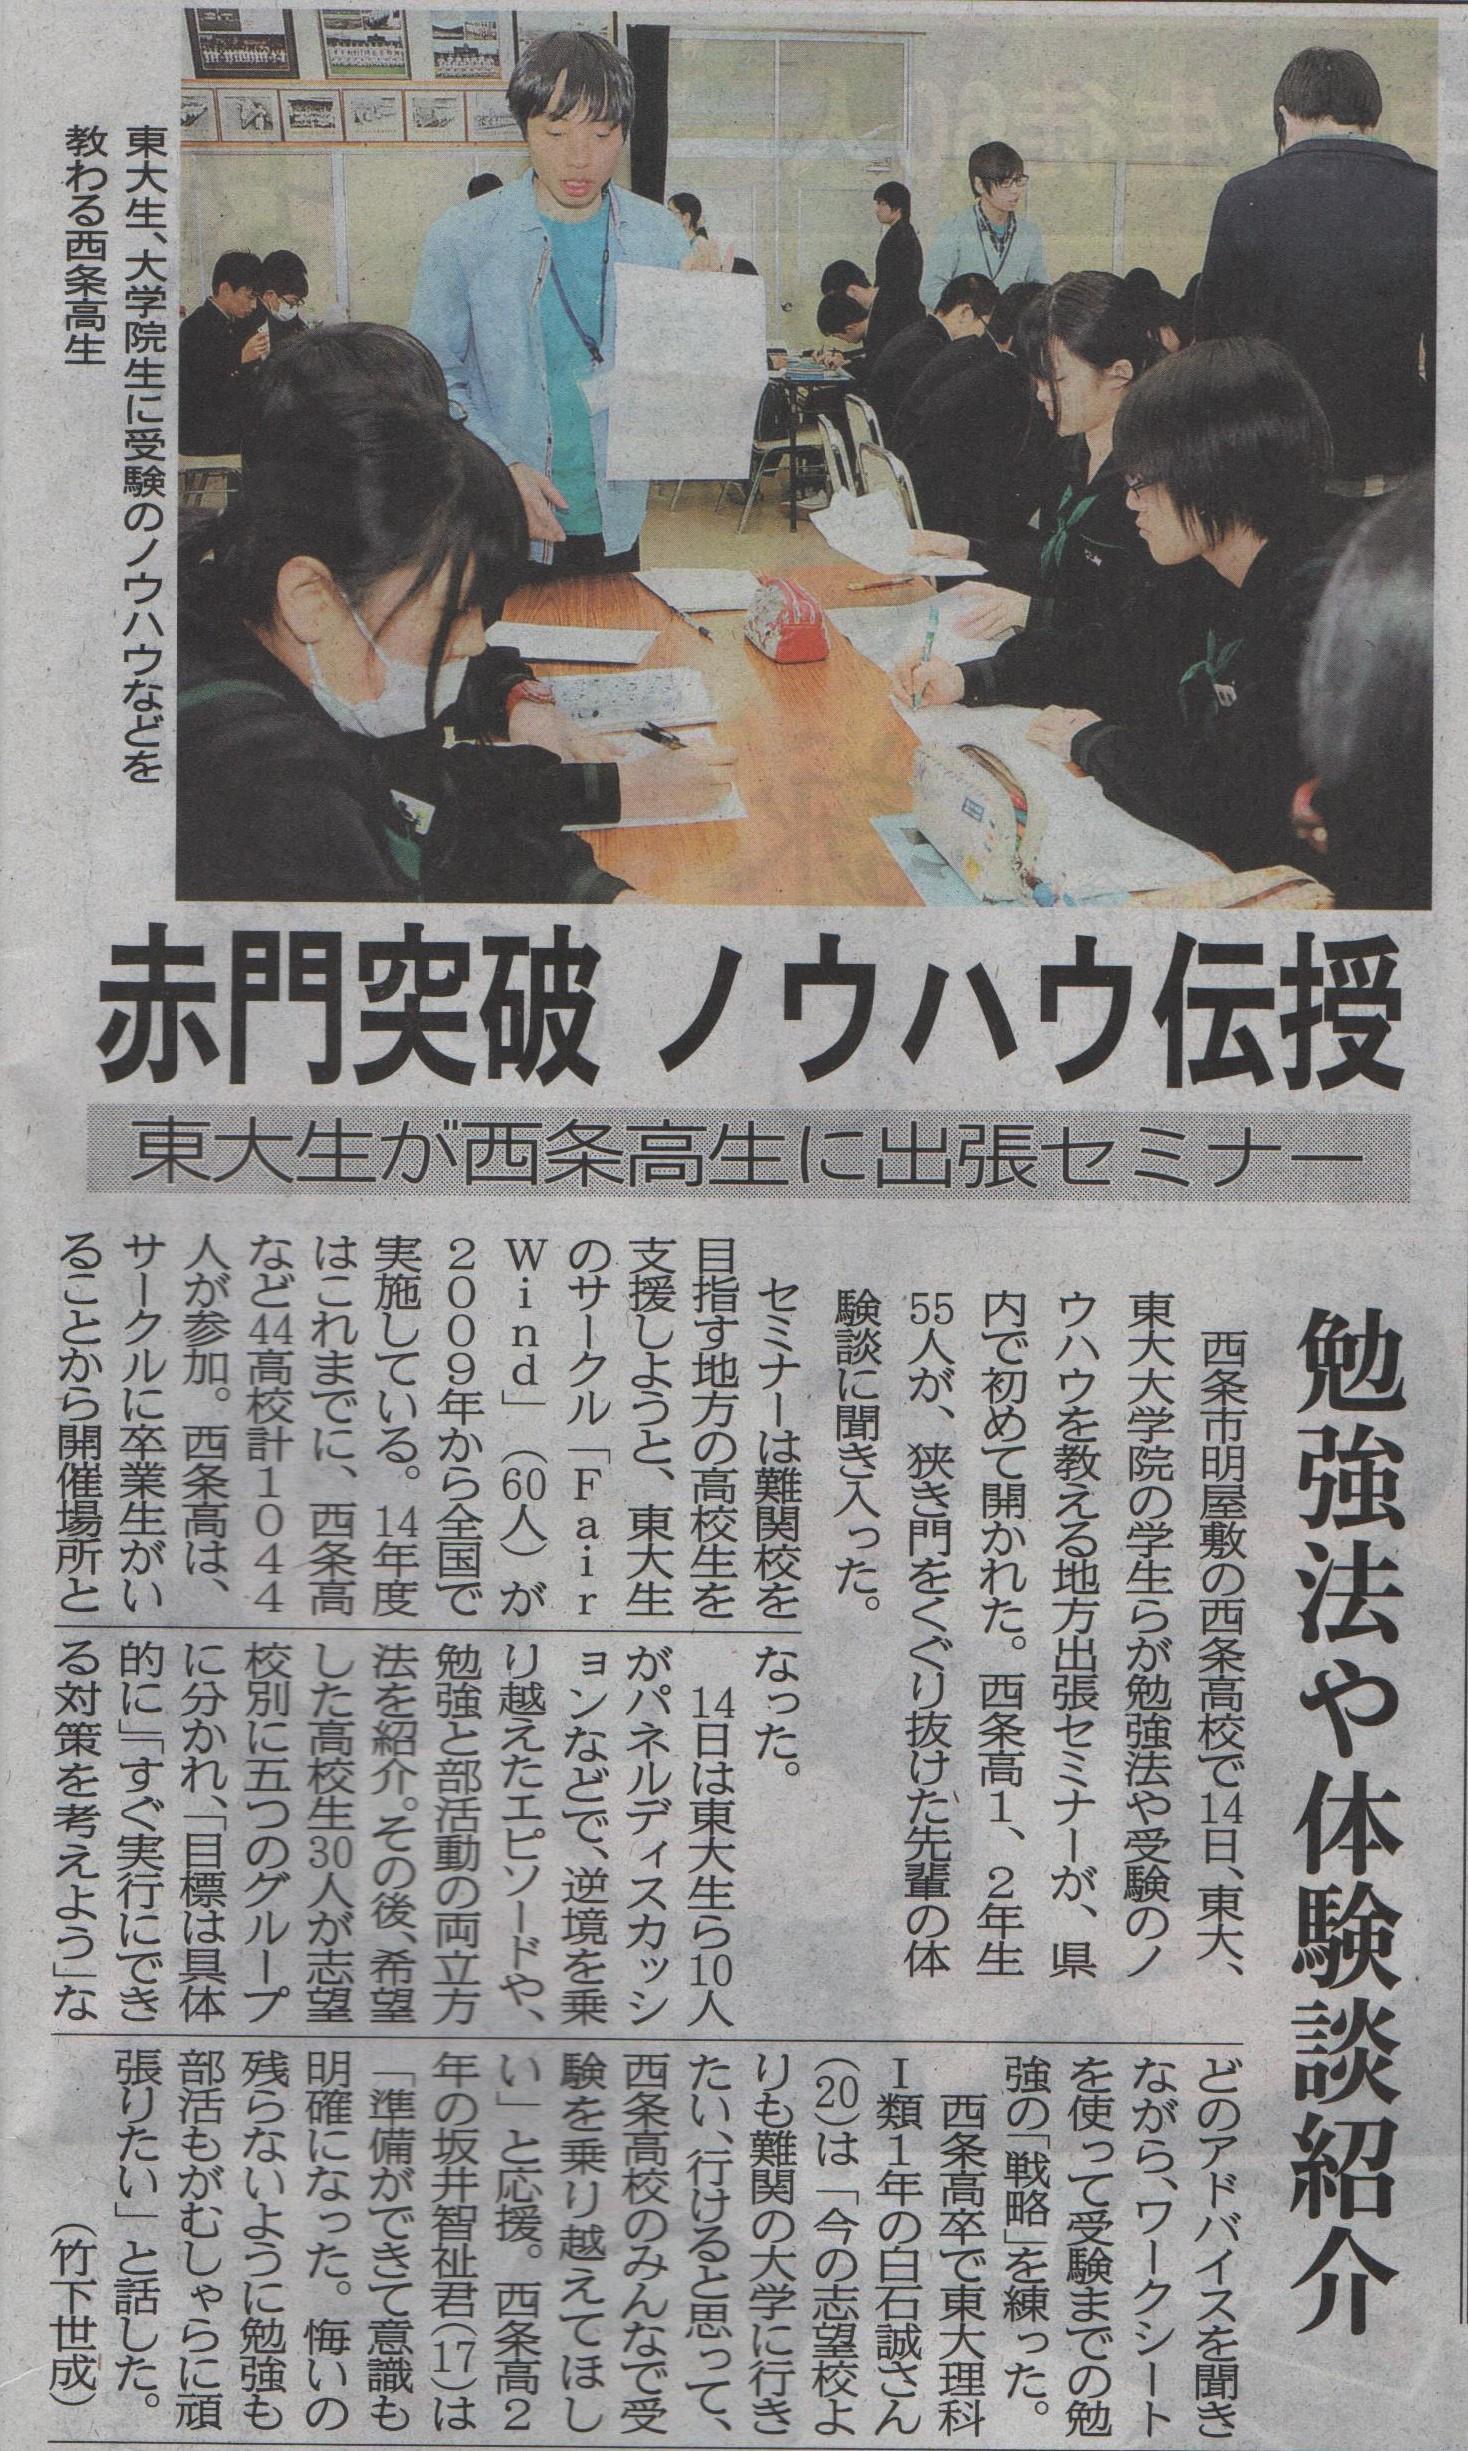 2015年愛媛県立西条高校への出張セミナーの様子